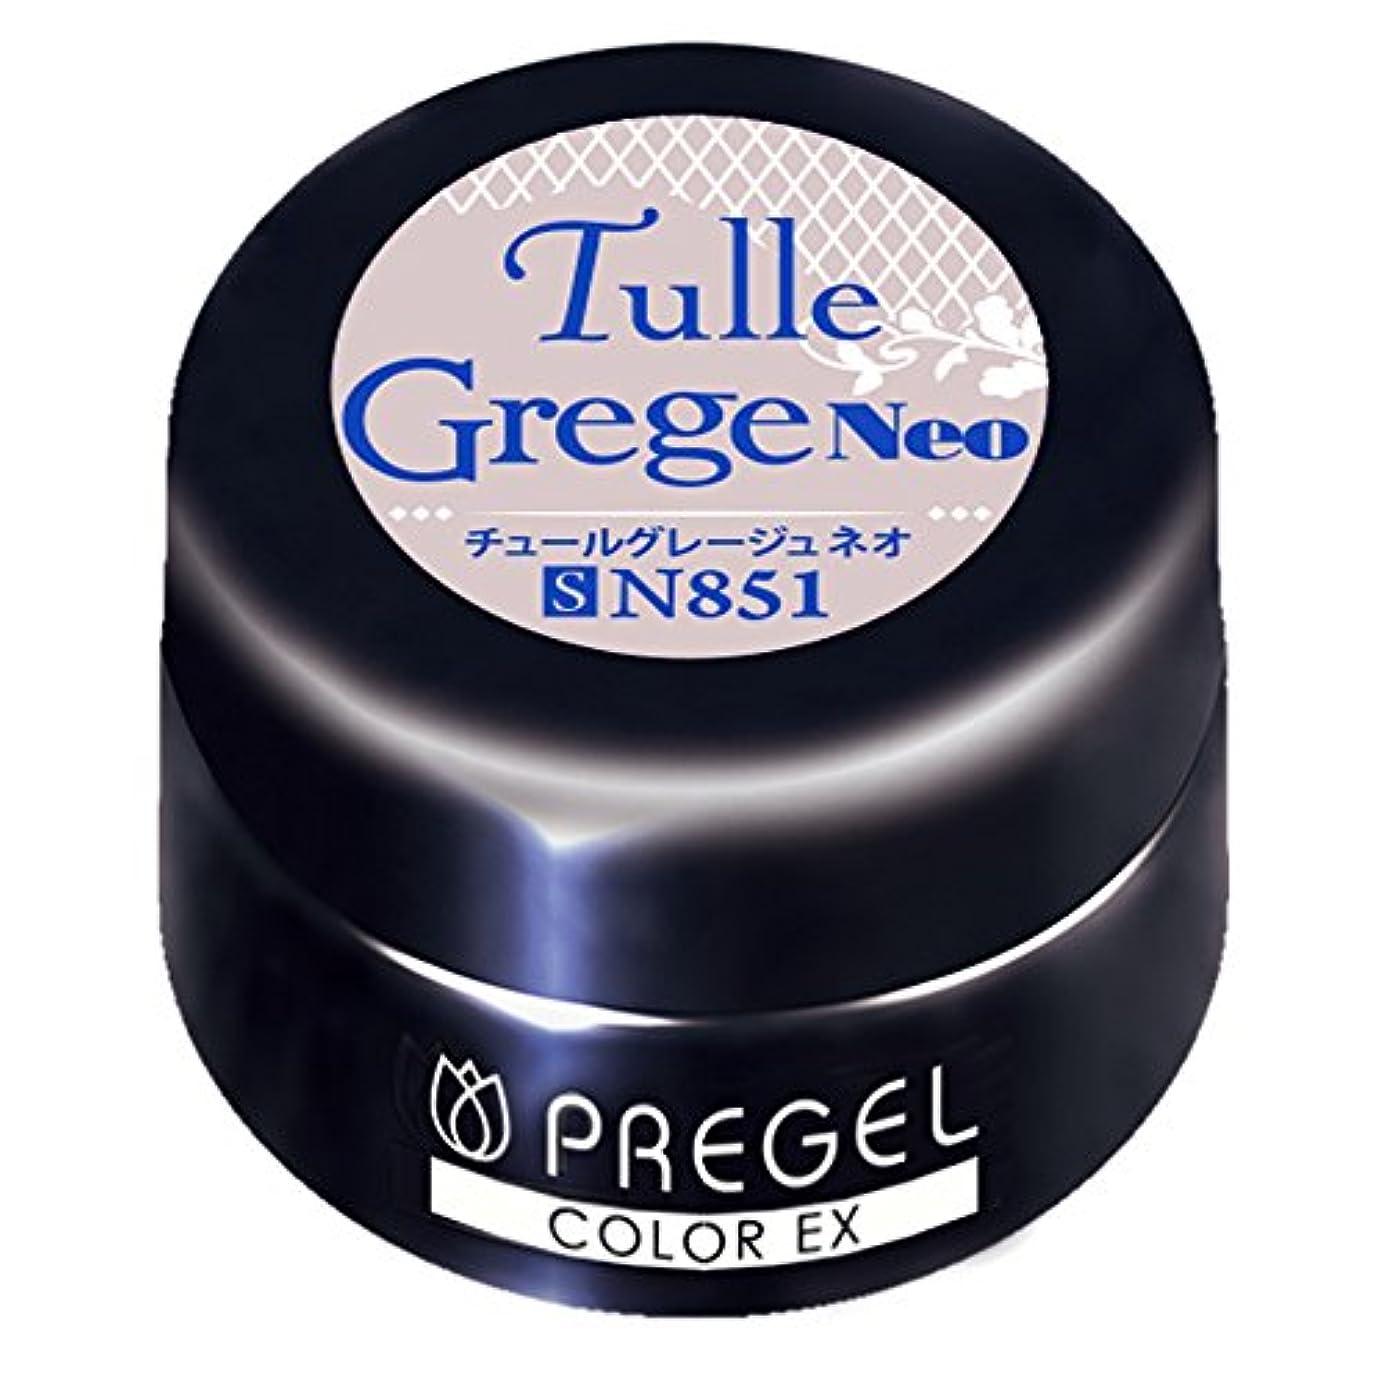 酔っていたずらなブーストPRE GEL カラーEX チュールグレージュ neo 851 3g UV/LED対応